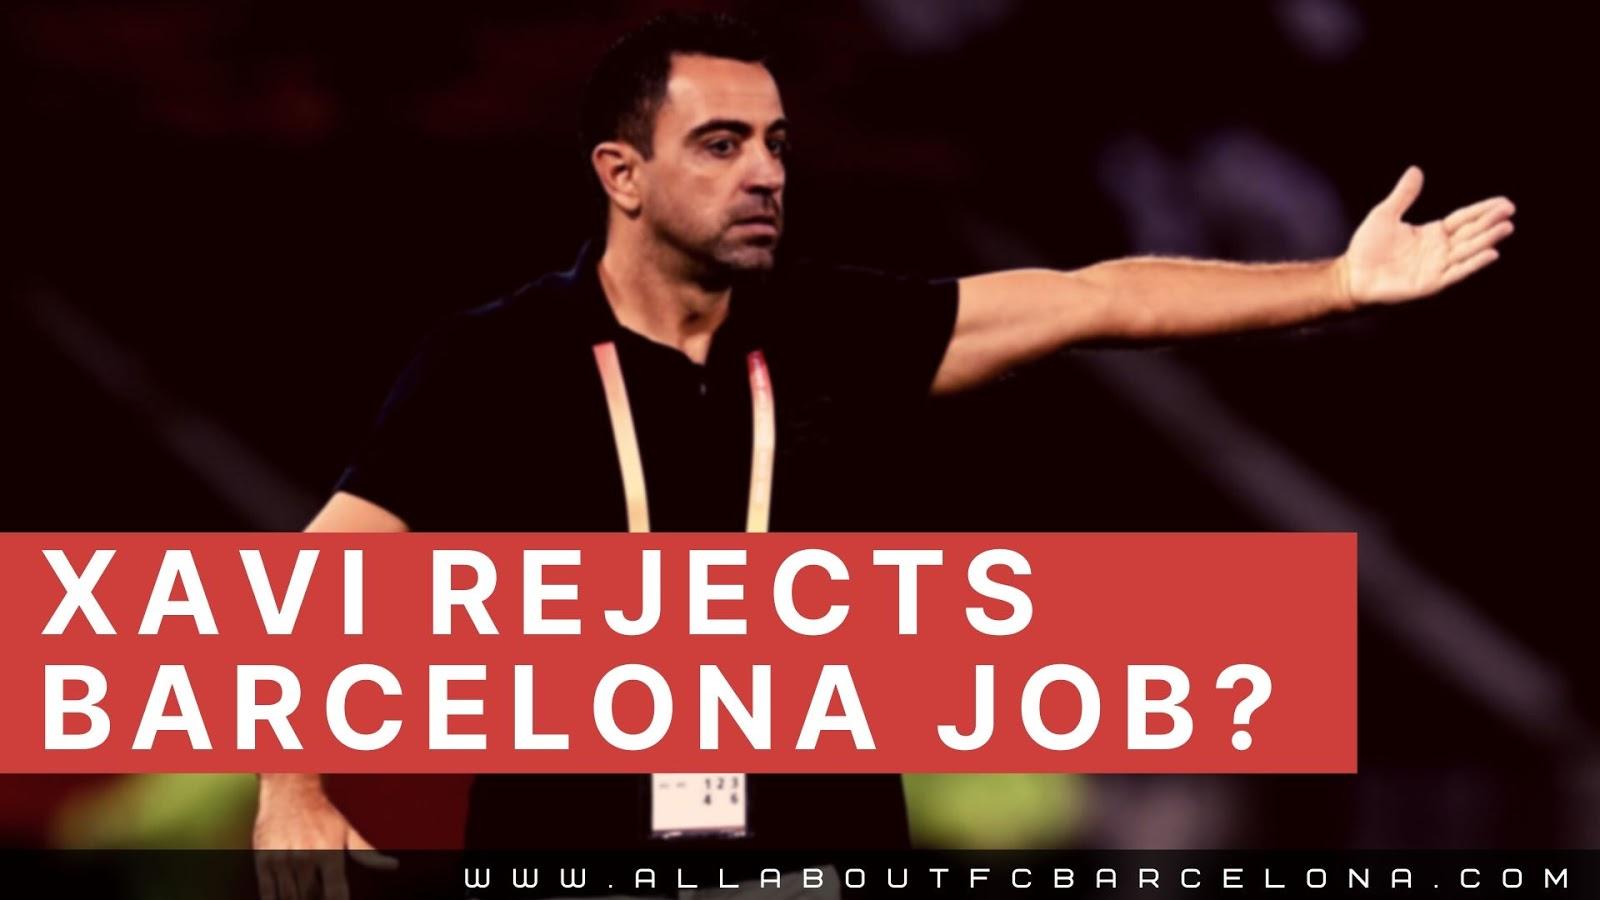 Xavi Says Not to Barca Job? May be Forever! #Barca #Xavi